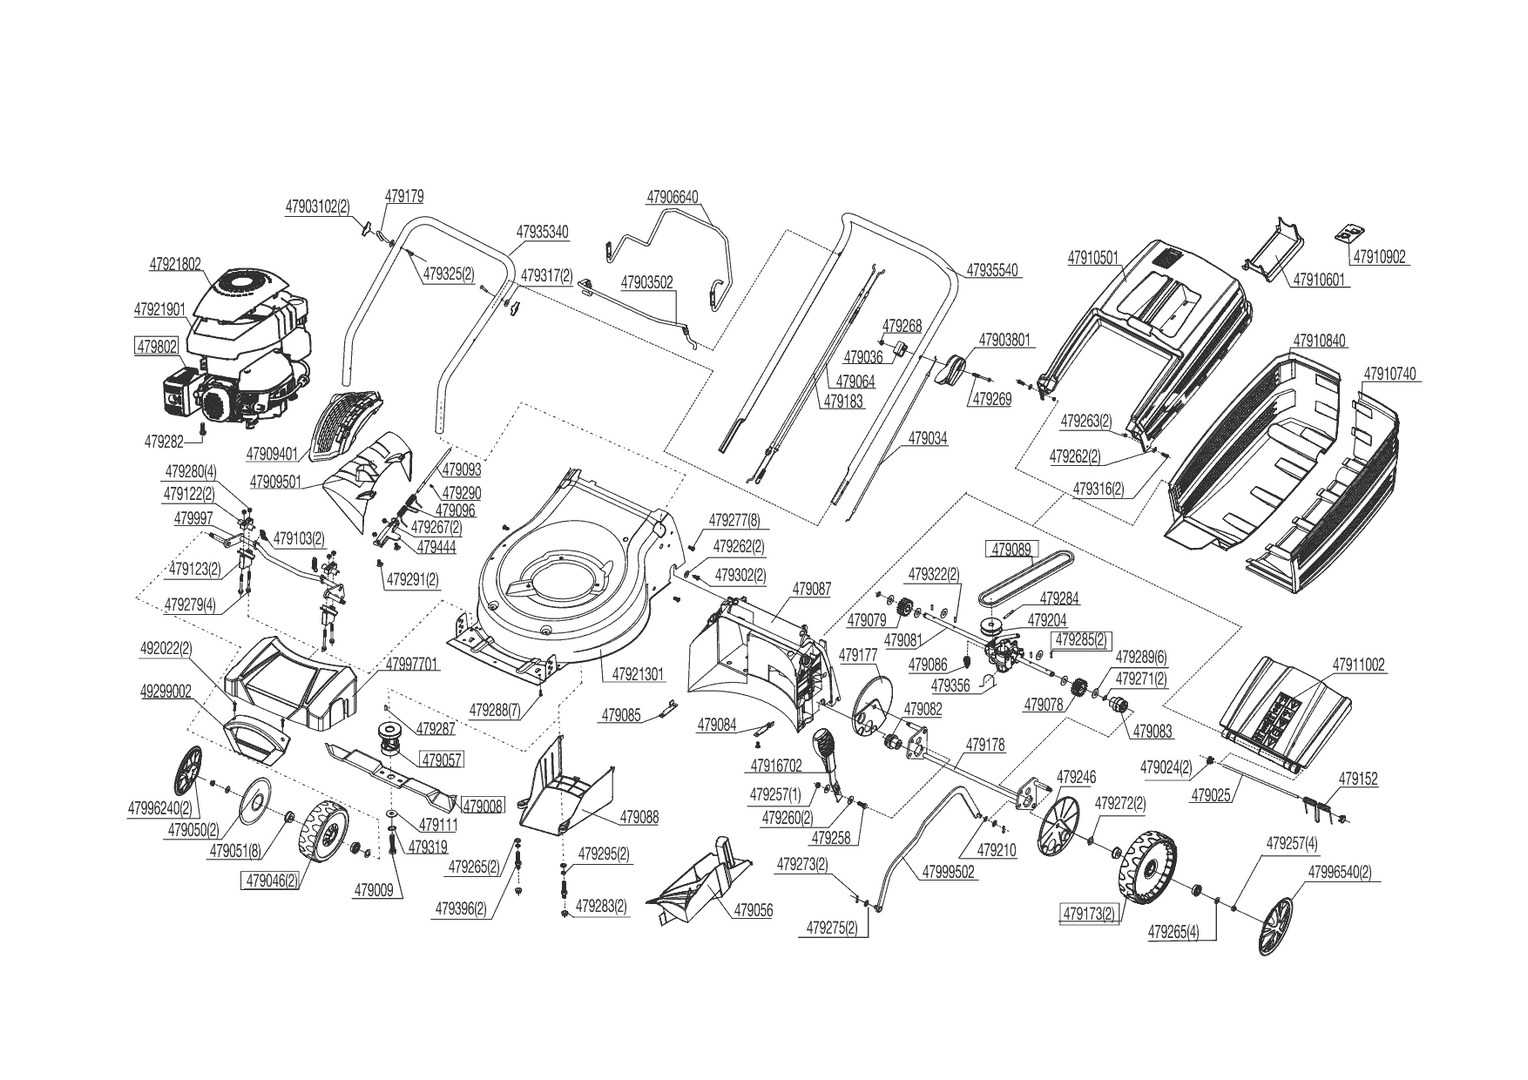 ersatzteile und zeichnung von al ko f r benzinrasenm her. Black Bedroom Furniture Sets. Home Design Ideas